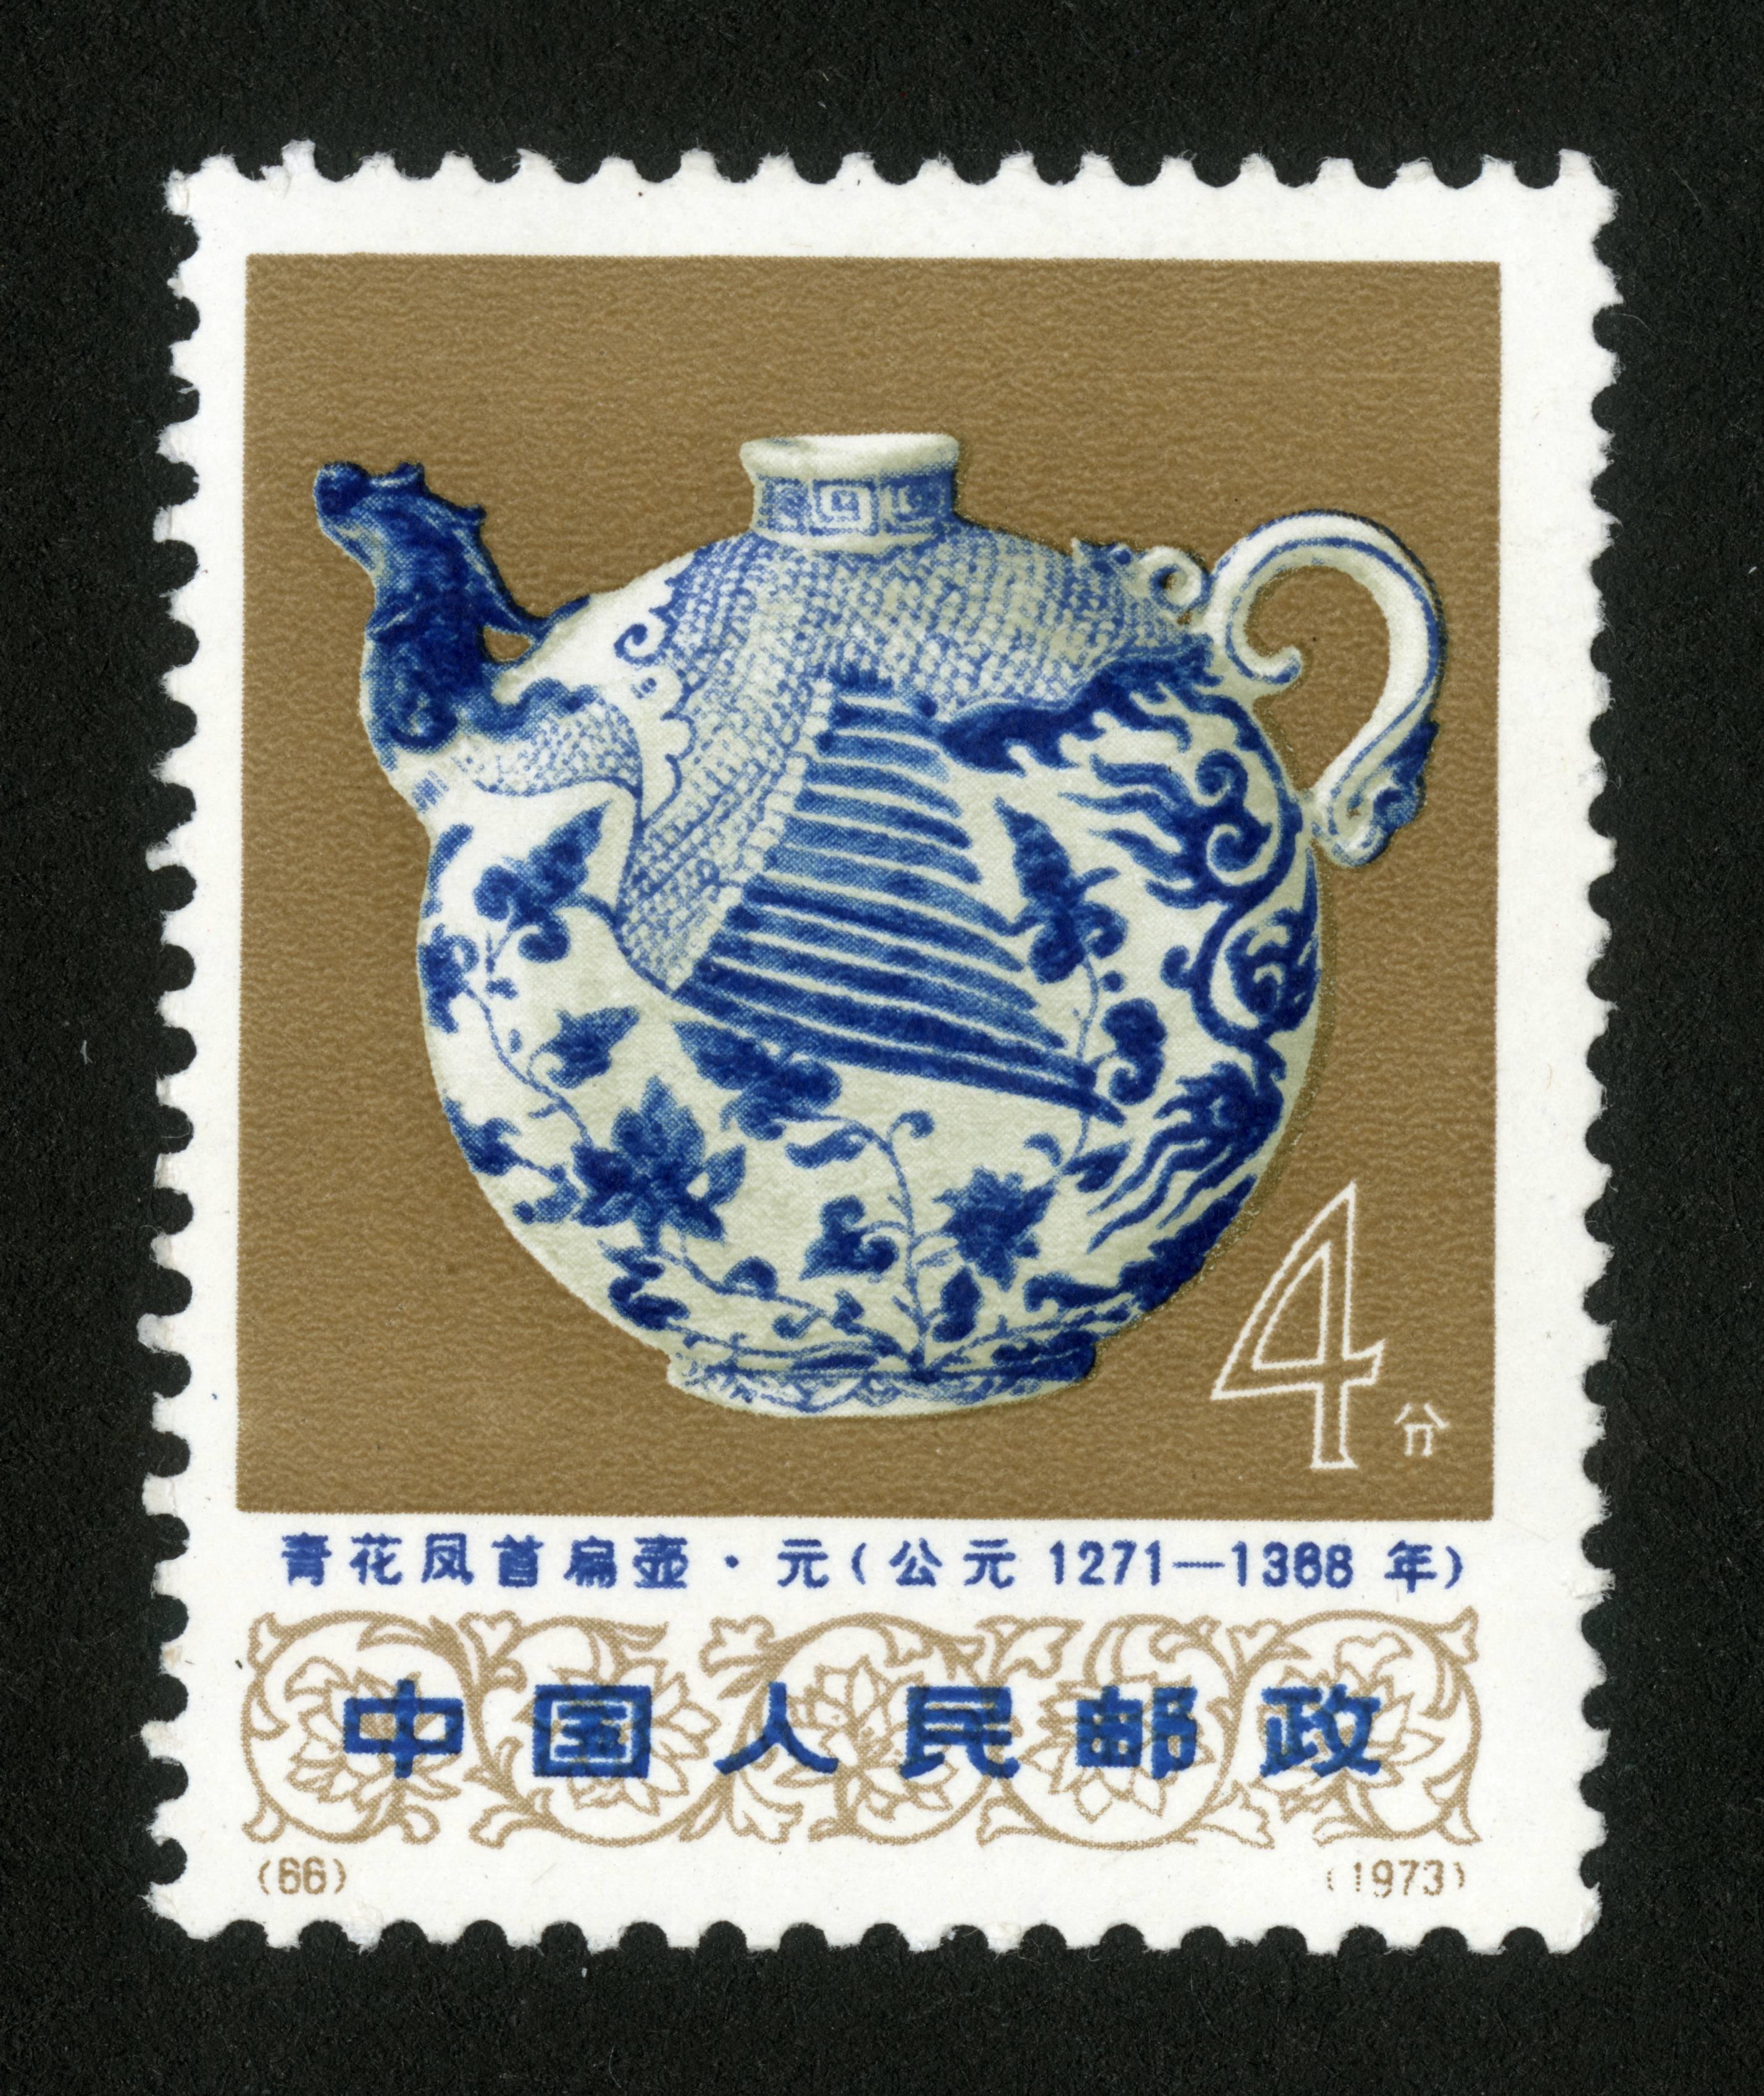 华夏图腾,凤兮归来 《凤(文物)》邮票惊艳亮相!